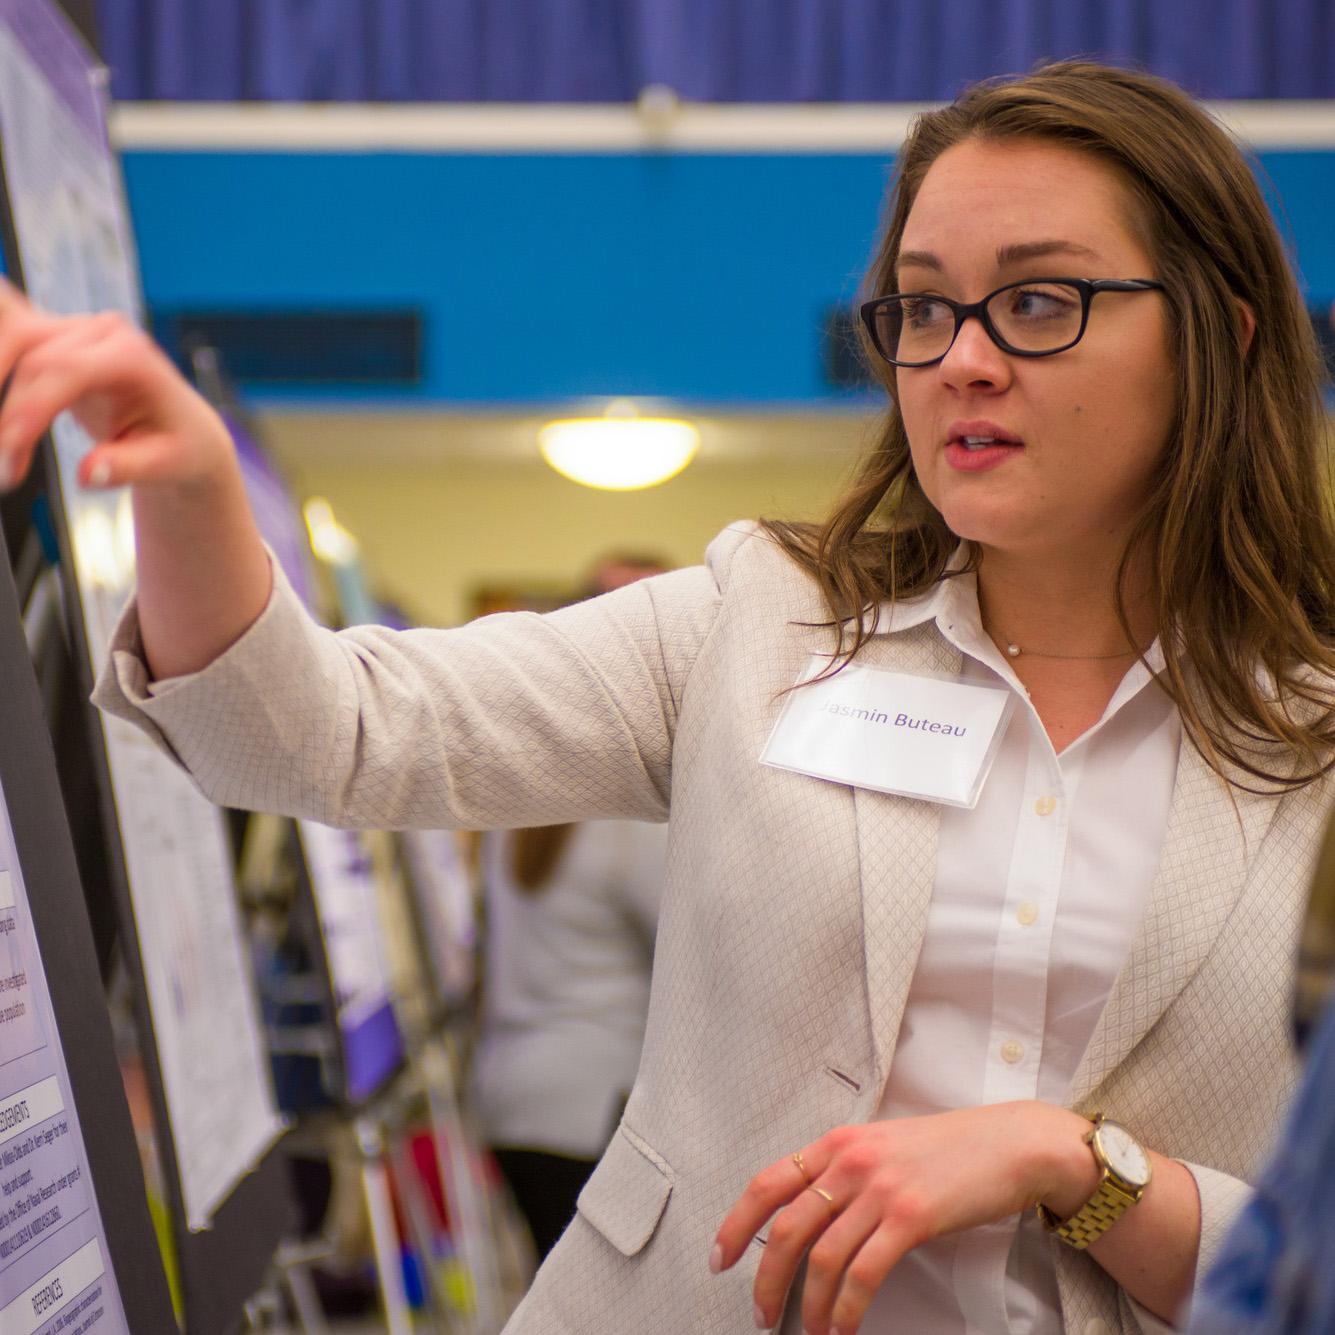 Jasmin Buteau, UNH graduate